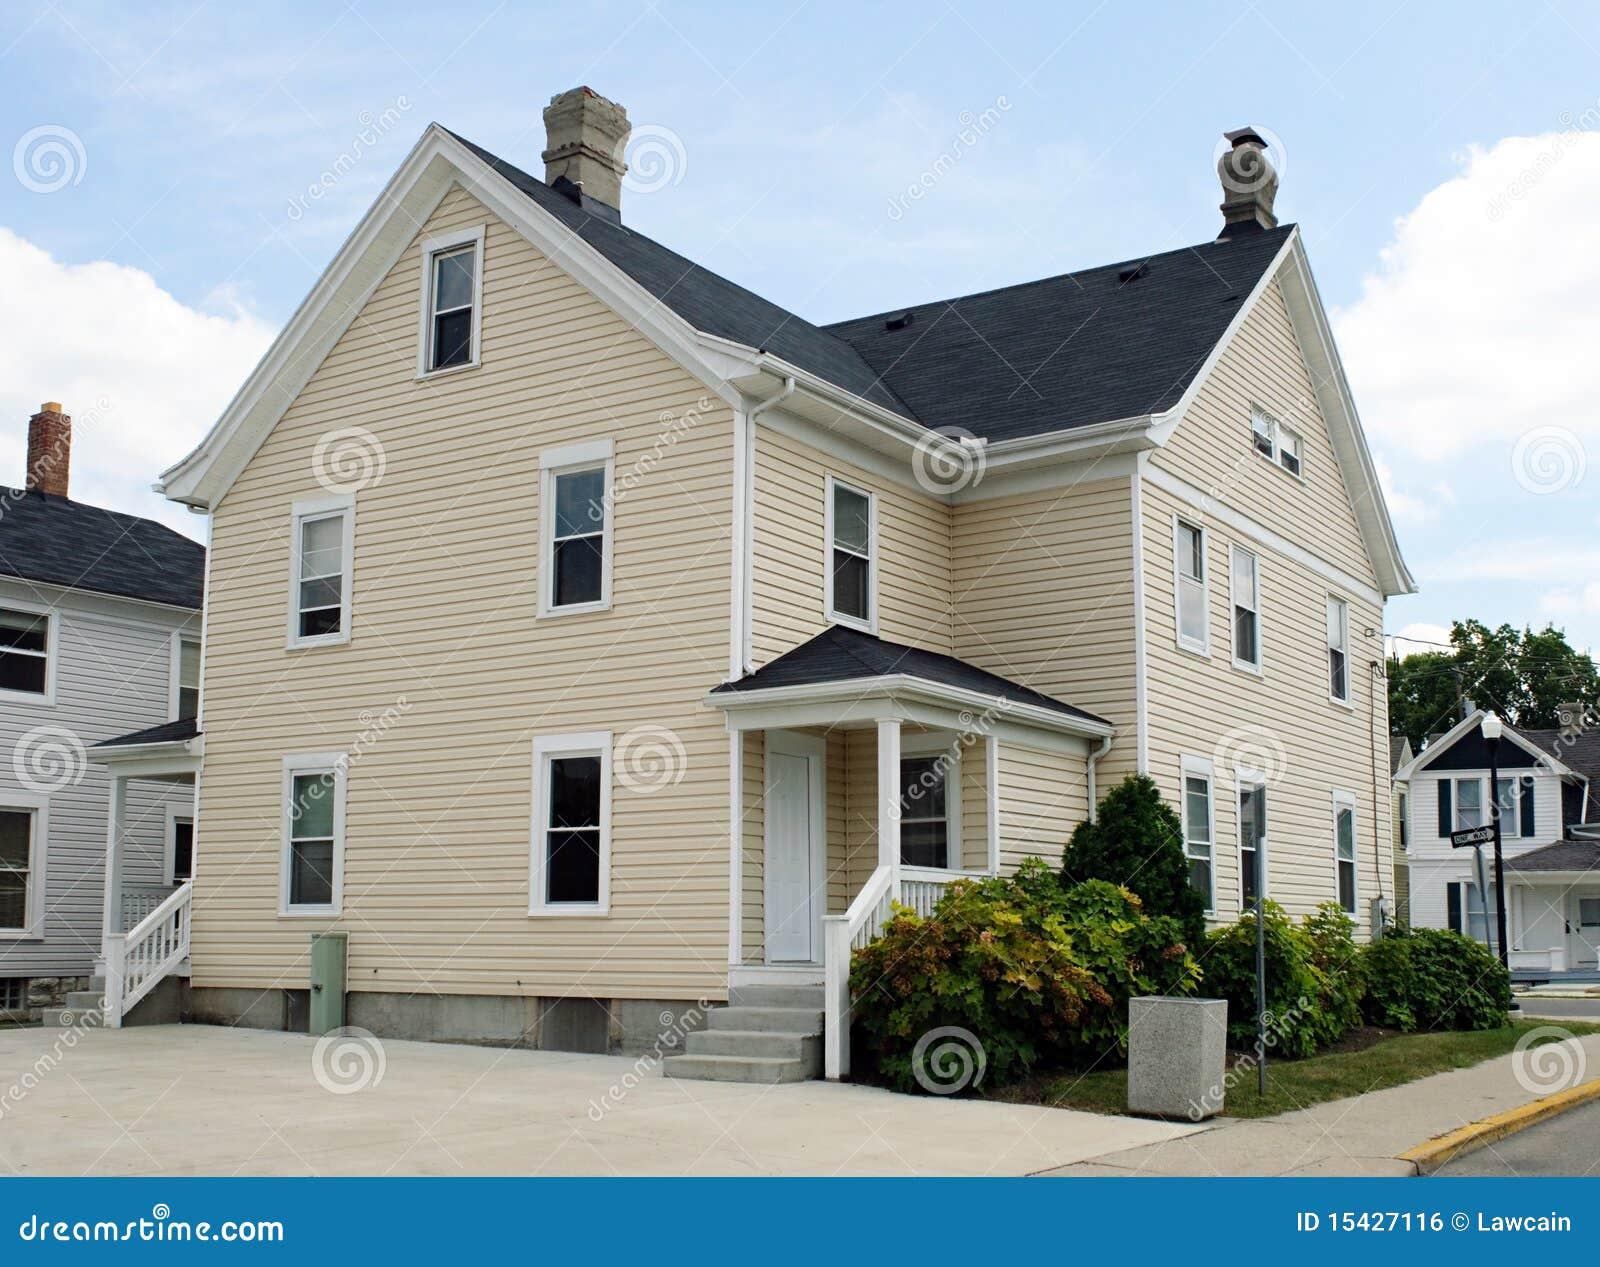 Back Corner House Royalty Free Stock Image